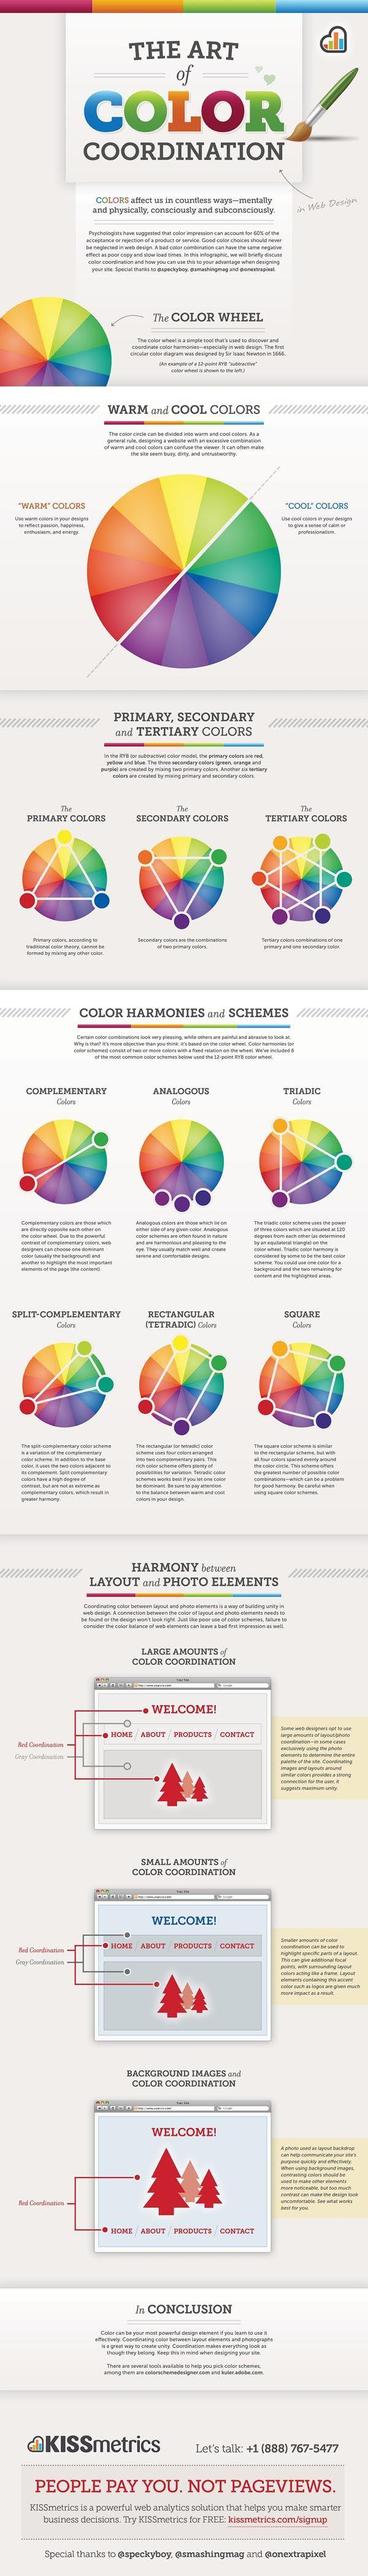 Inspiração: infográficos do visual.ly